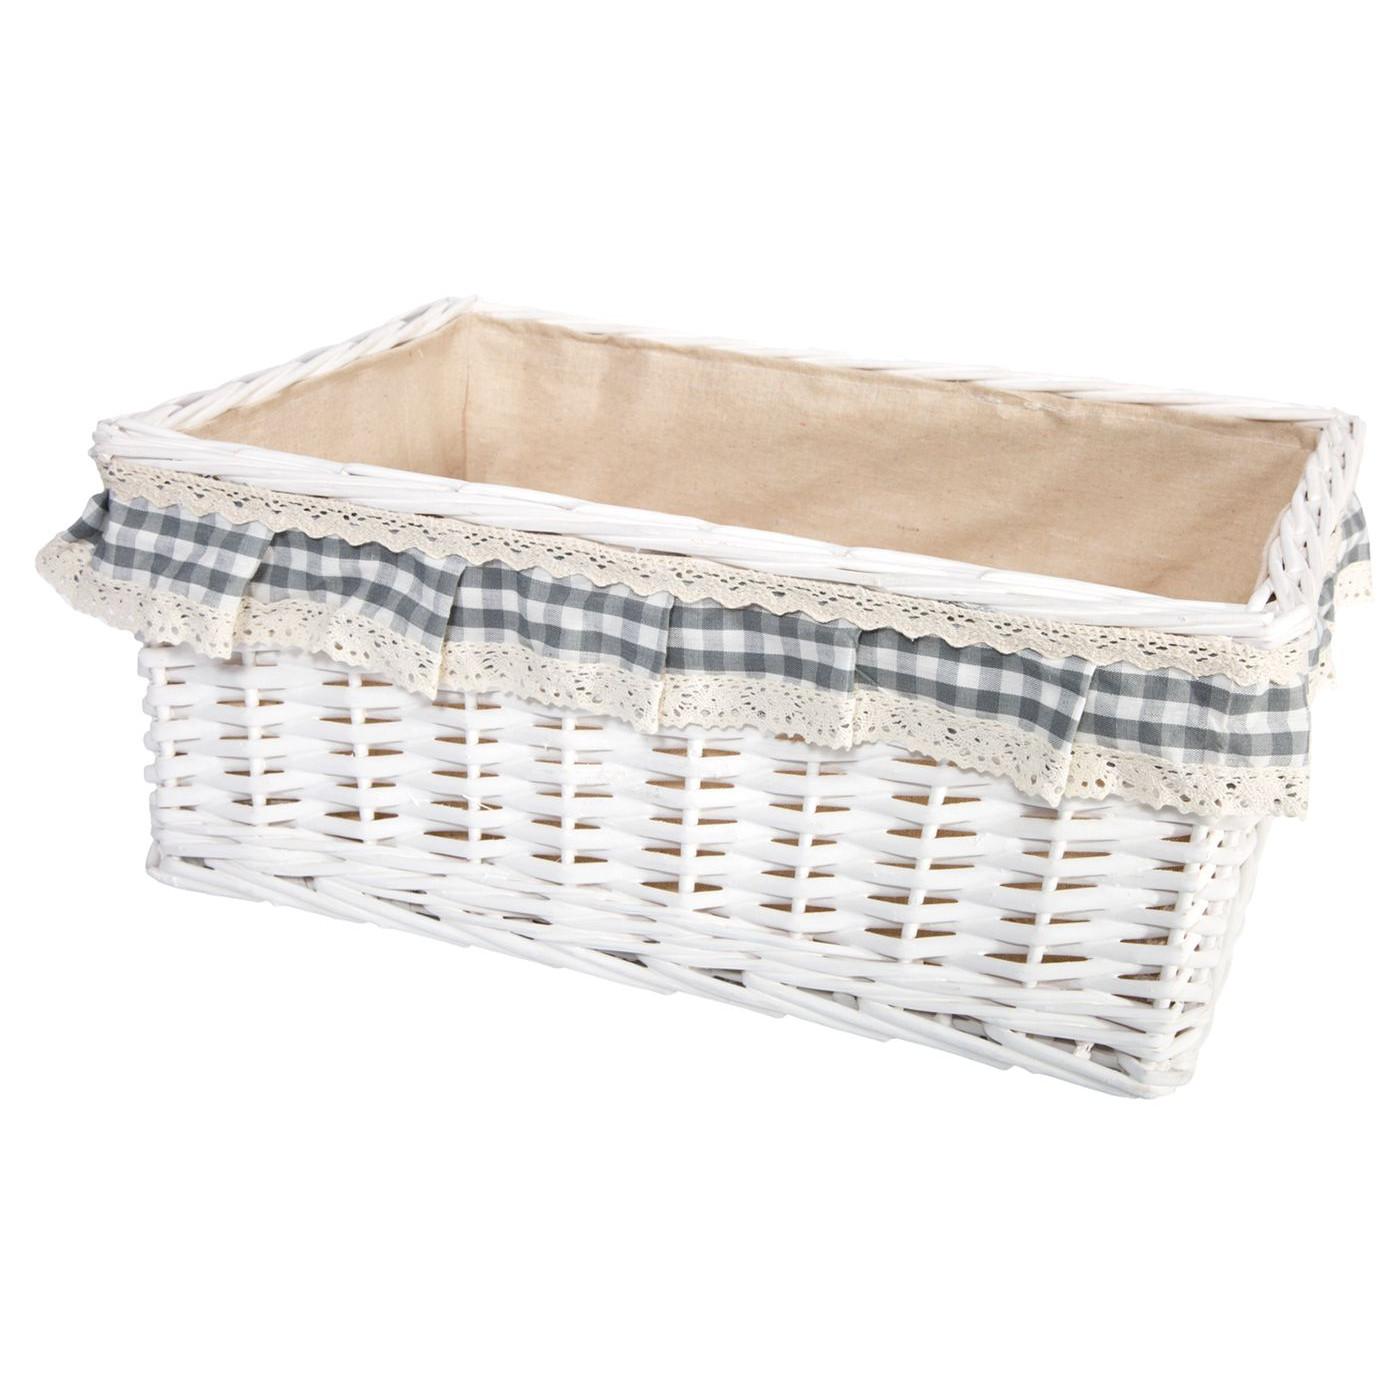 Koszyk z wikliny 43 x 31 x 8 cm biały z aplikacją